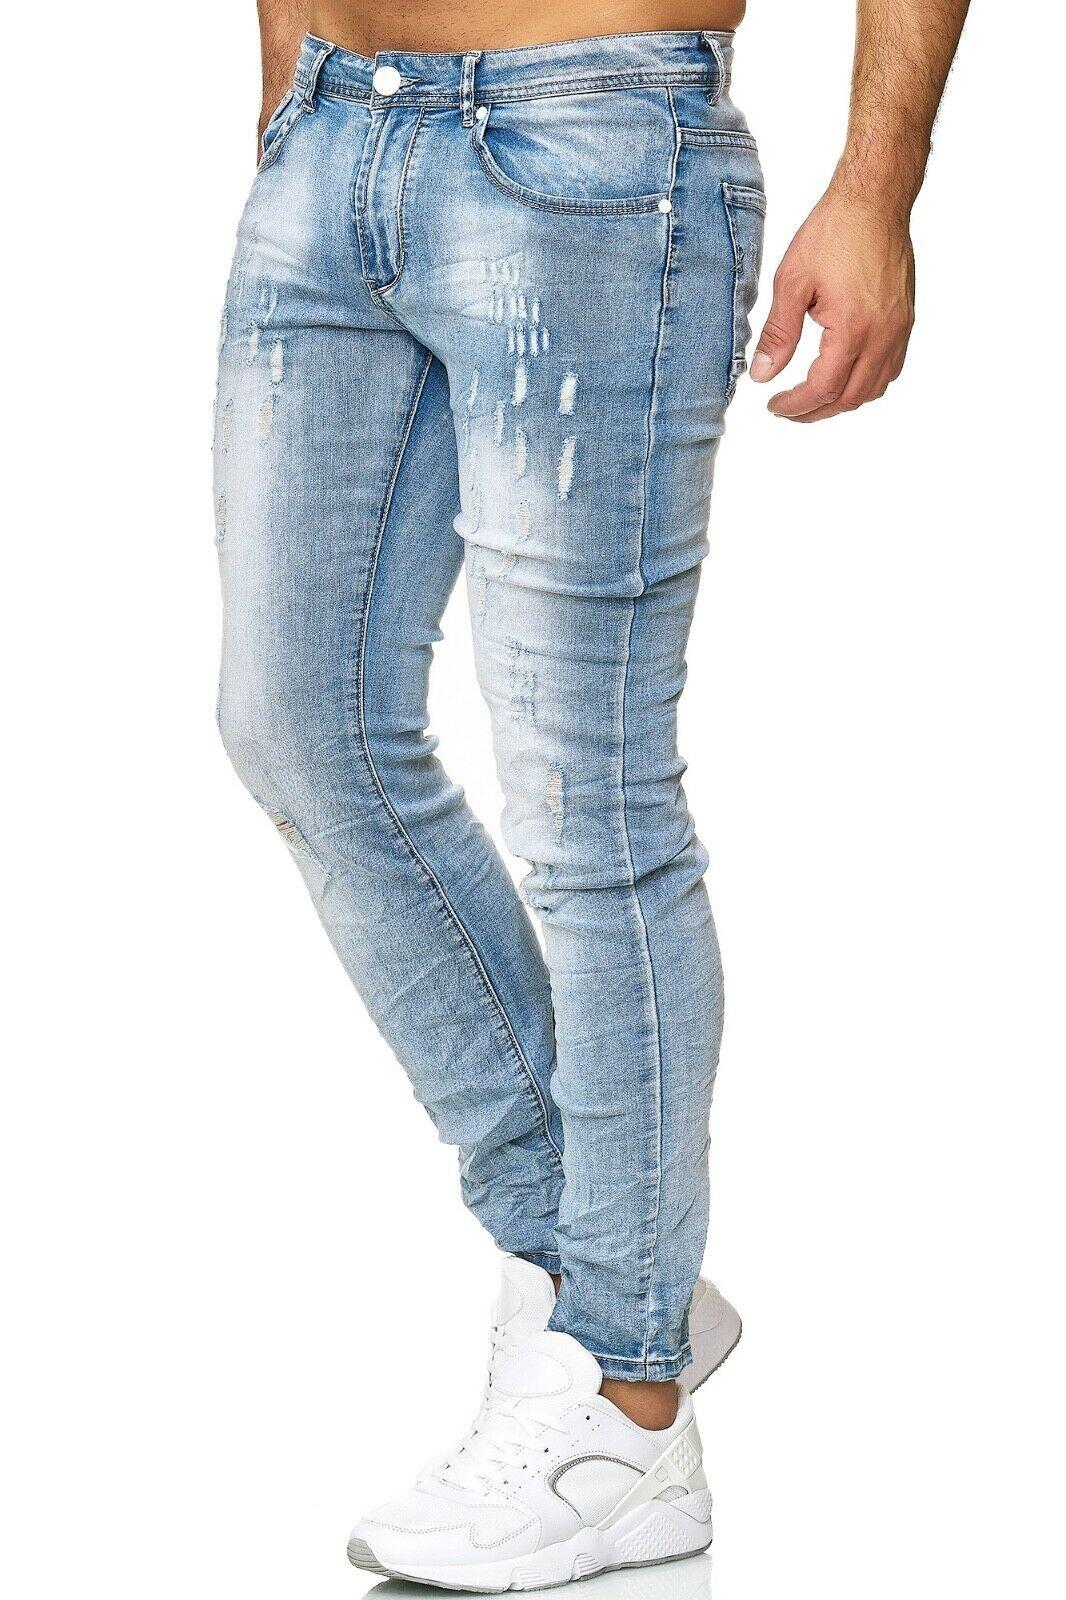 Herren-Jeanshosen-Stretch-Hose-Slim-fit-SKINNY-Jeans-Blau-Schwarz-Grau-Weiss Indexbild 29